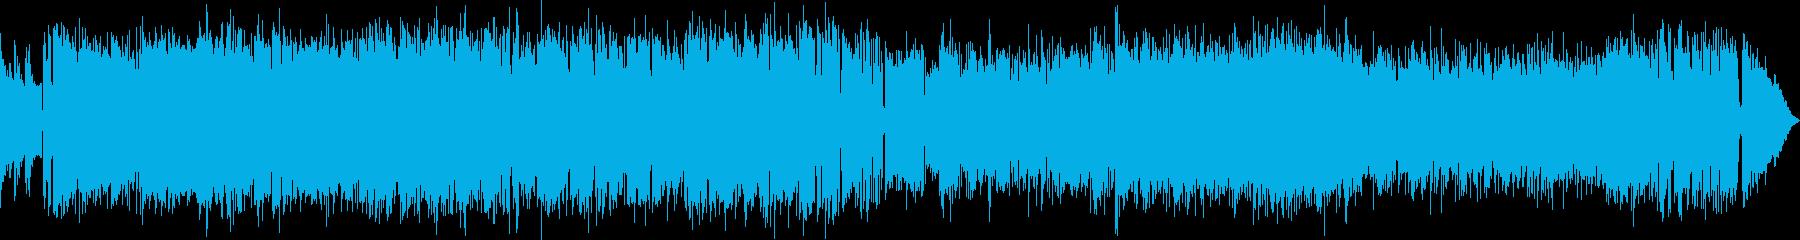 管楽器がビンビンのラテン(キューバ系)の再生済みの波形